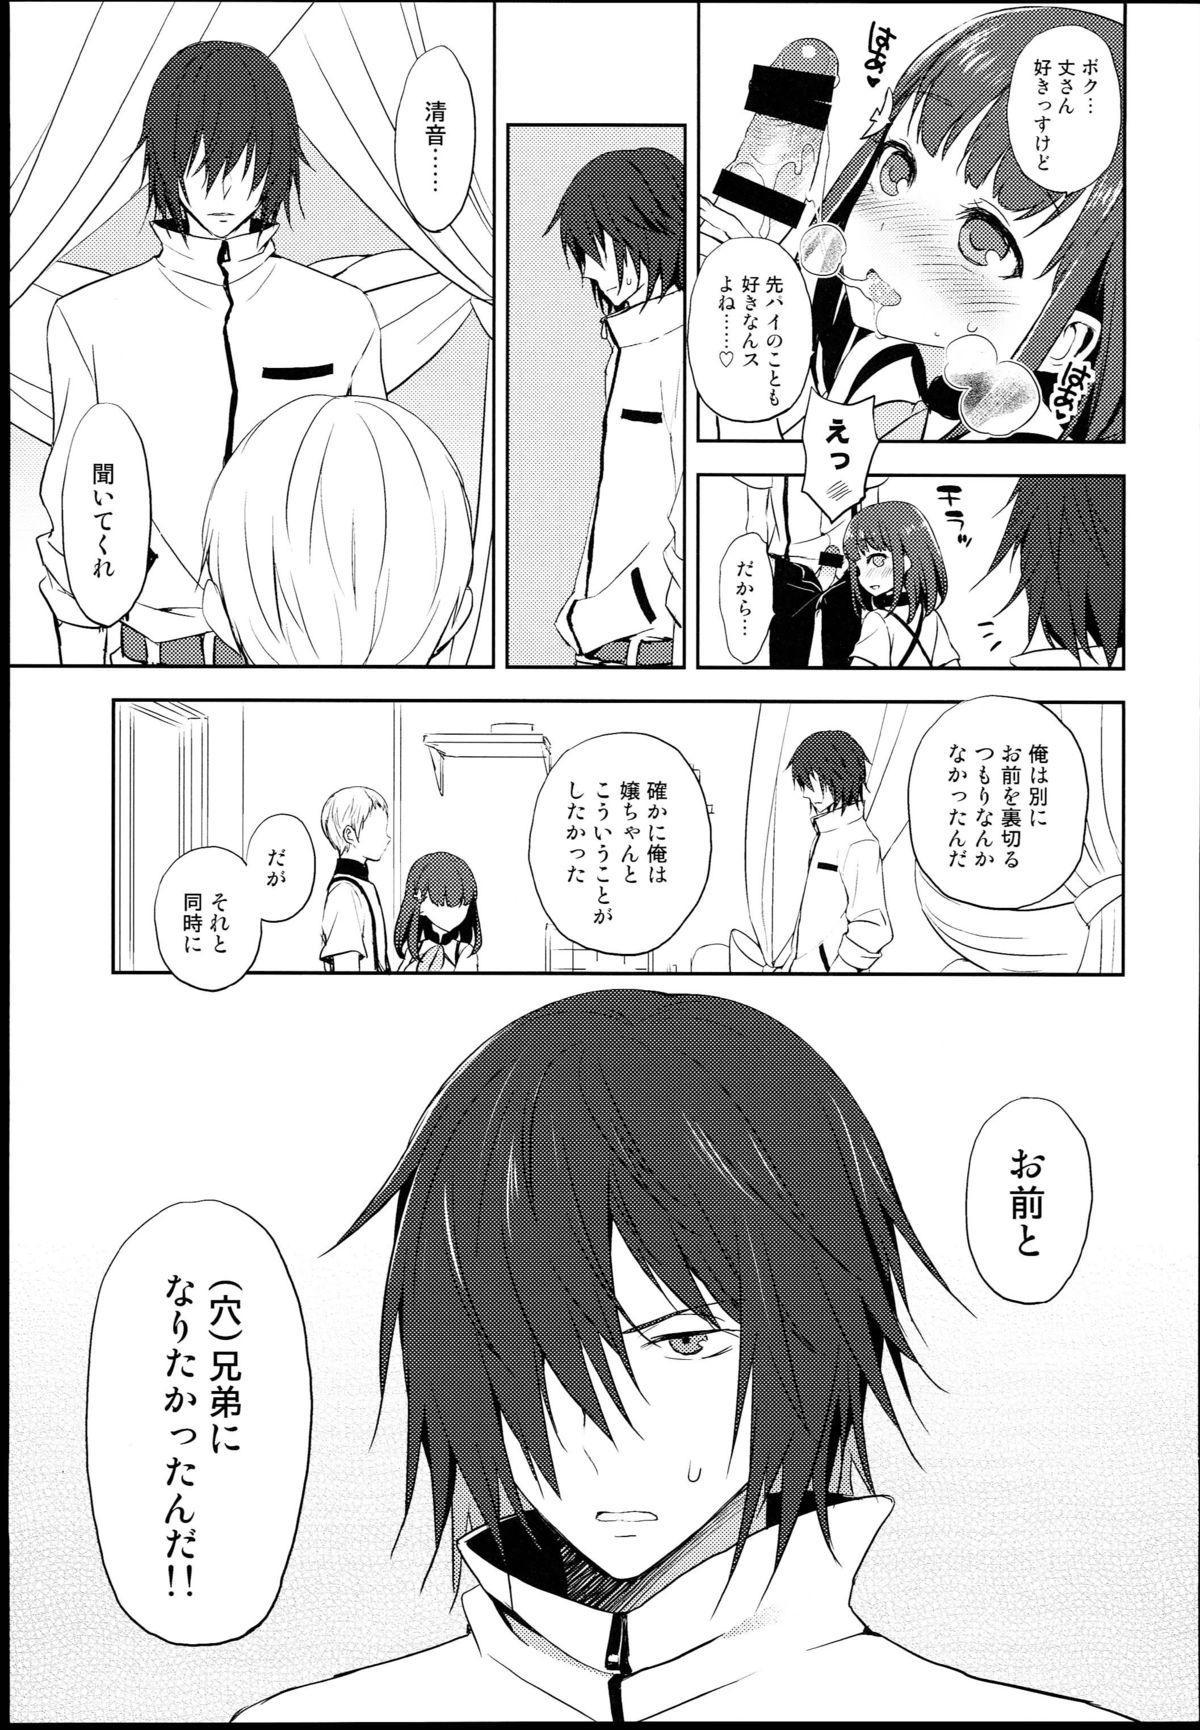 Hajimete Utsuutsu 2 18